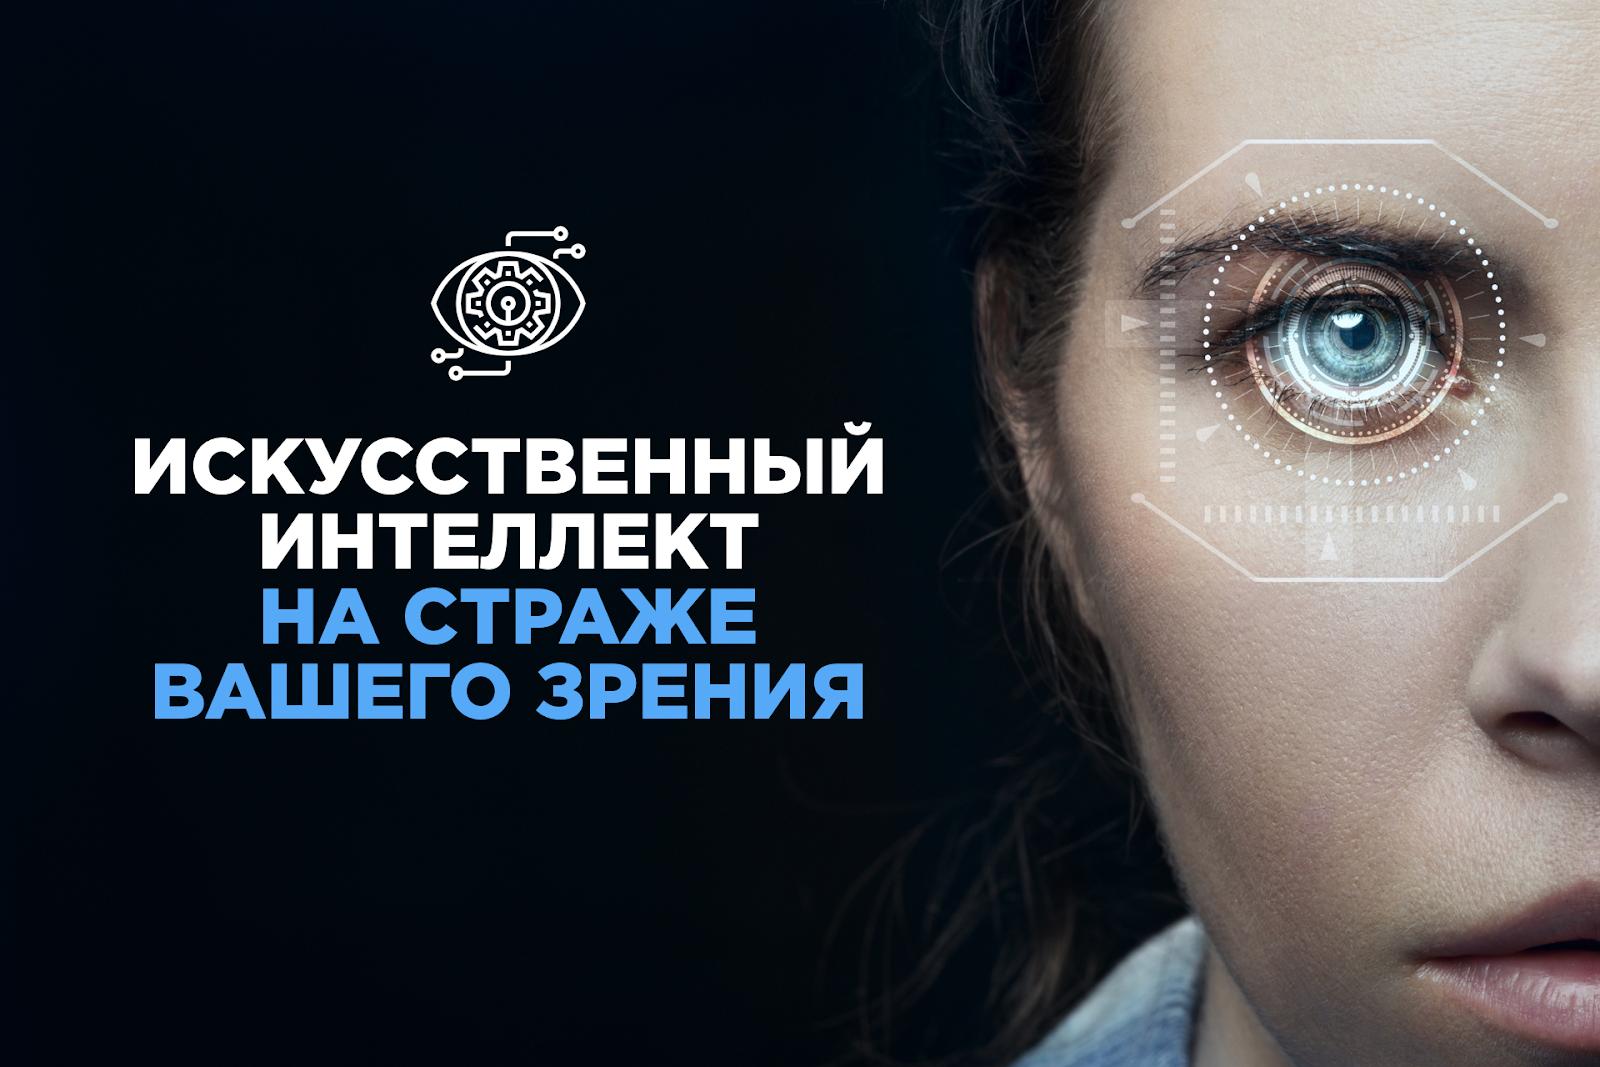 Искусственный интеллект помогает сохранить зрение - 1